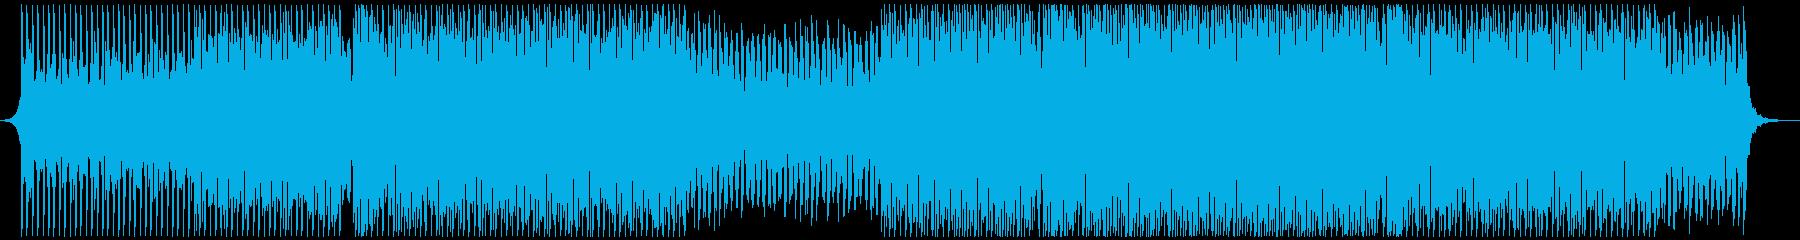 陽気でエネルギッシュなポップの再生済みの波形